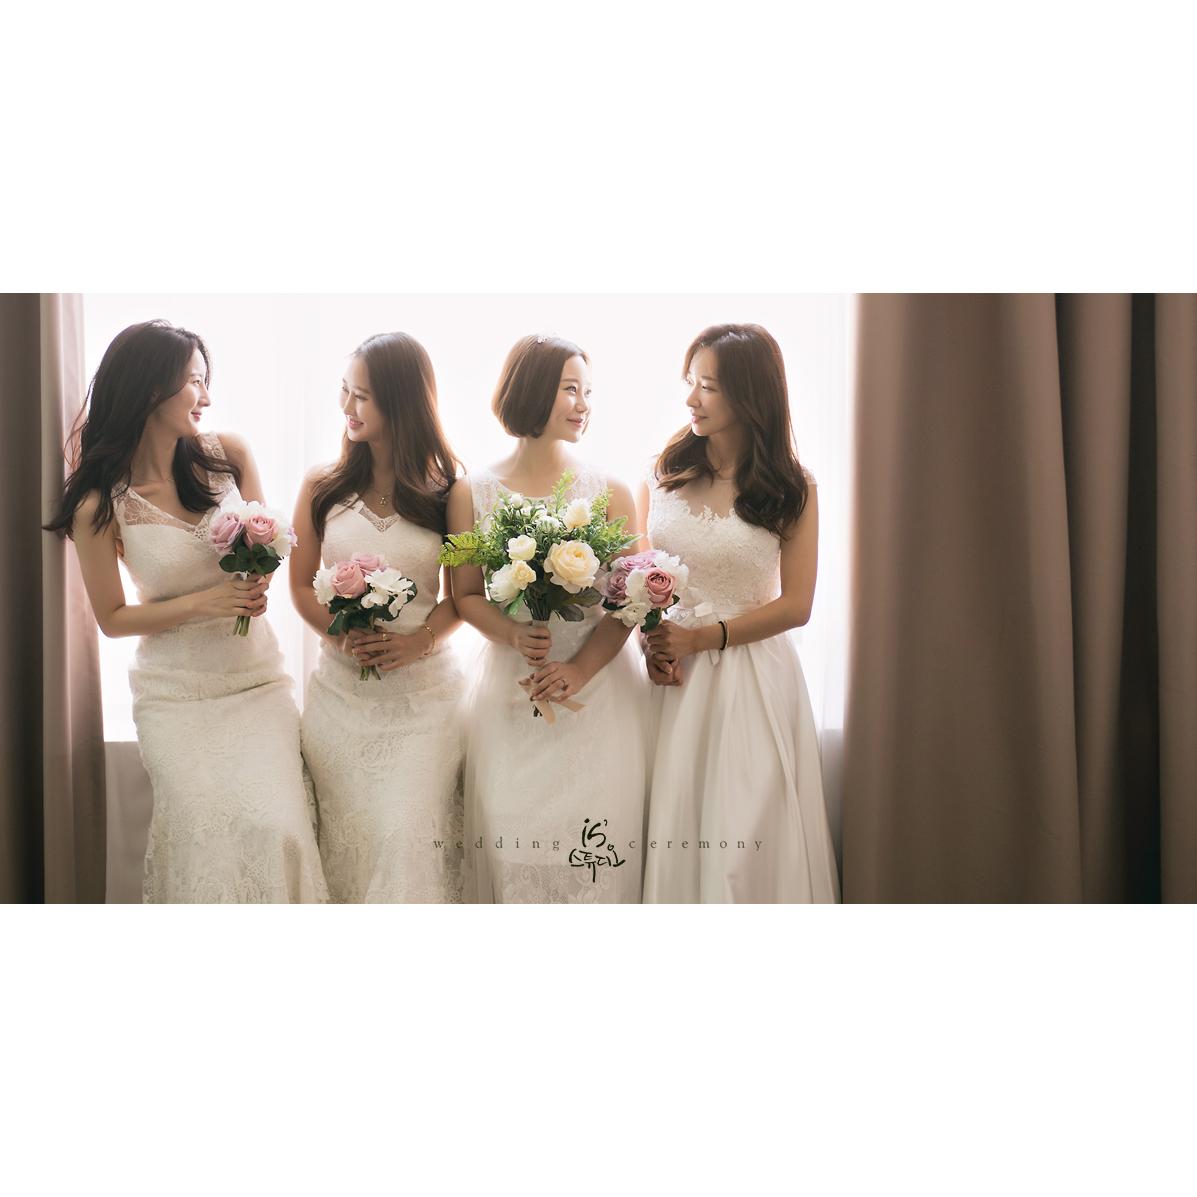 친구들과 함께하는 웨딩촬영  Bridal Shower